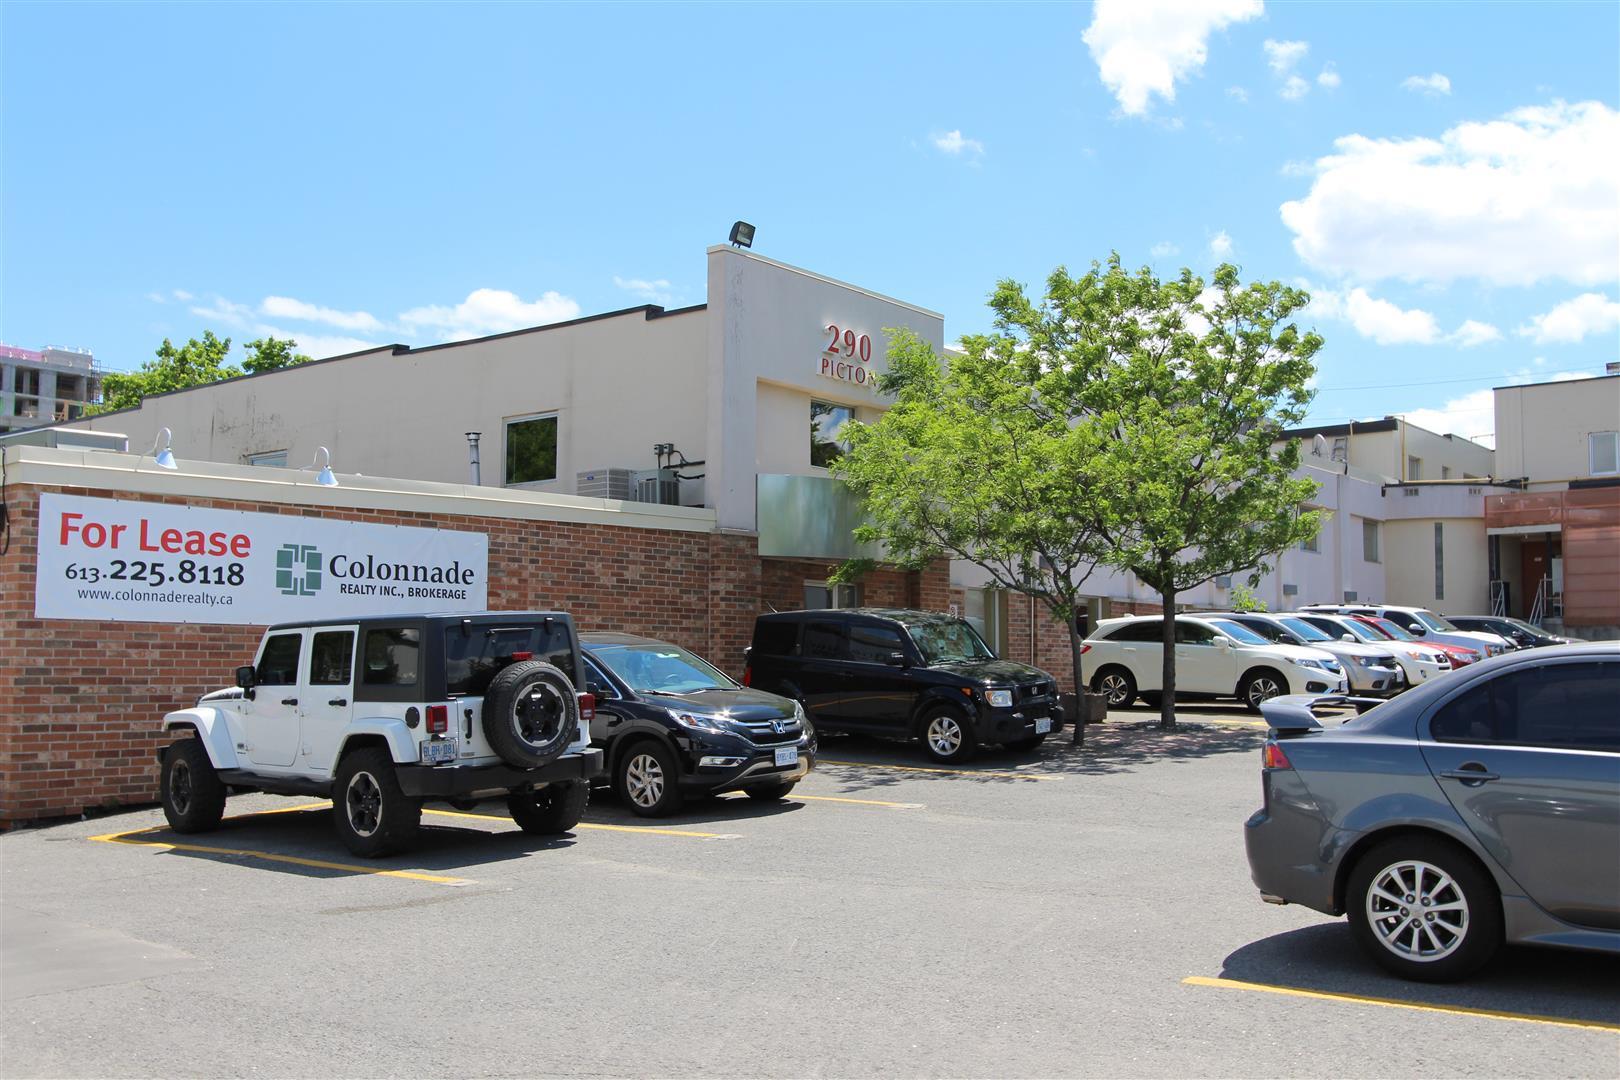 290-294 Picton Avenue, Ottawa, Ontario